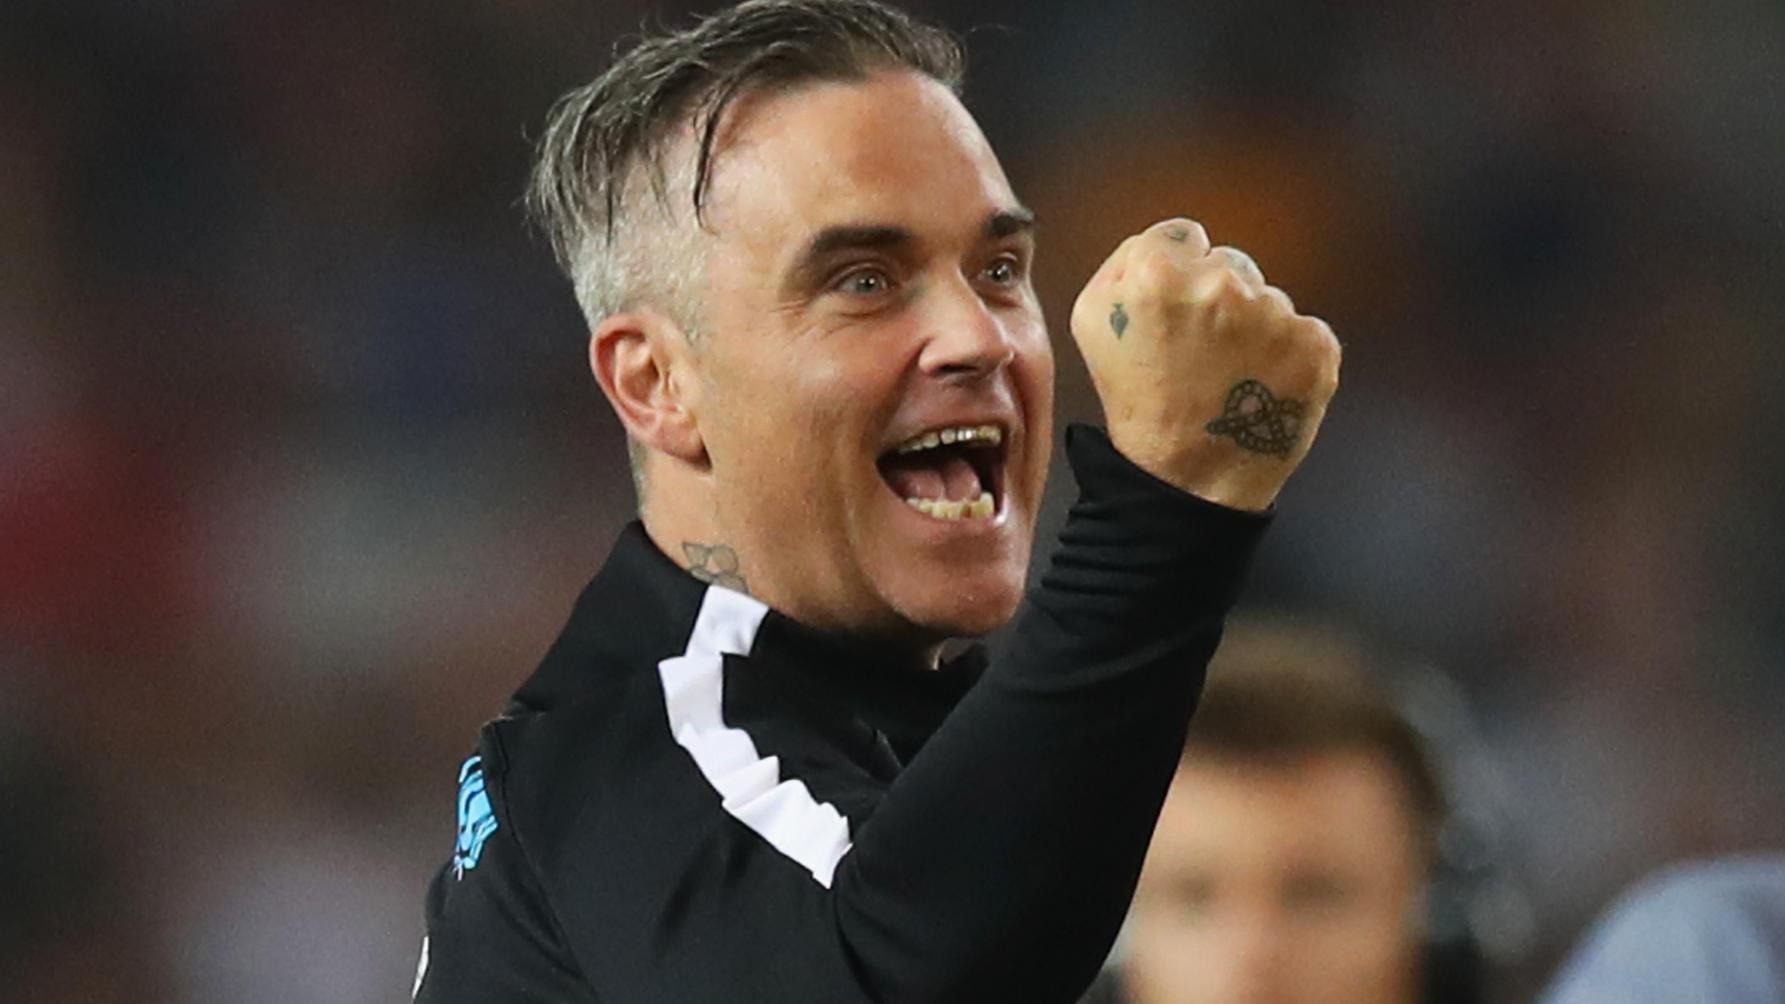 WM 2018: Robbie Williams singt bei der Eröffnungsfeier in Russland